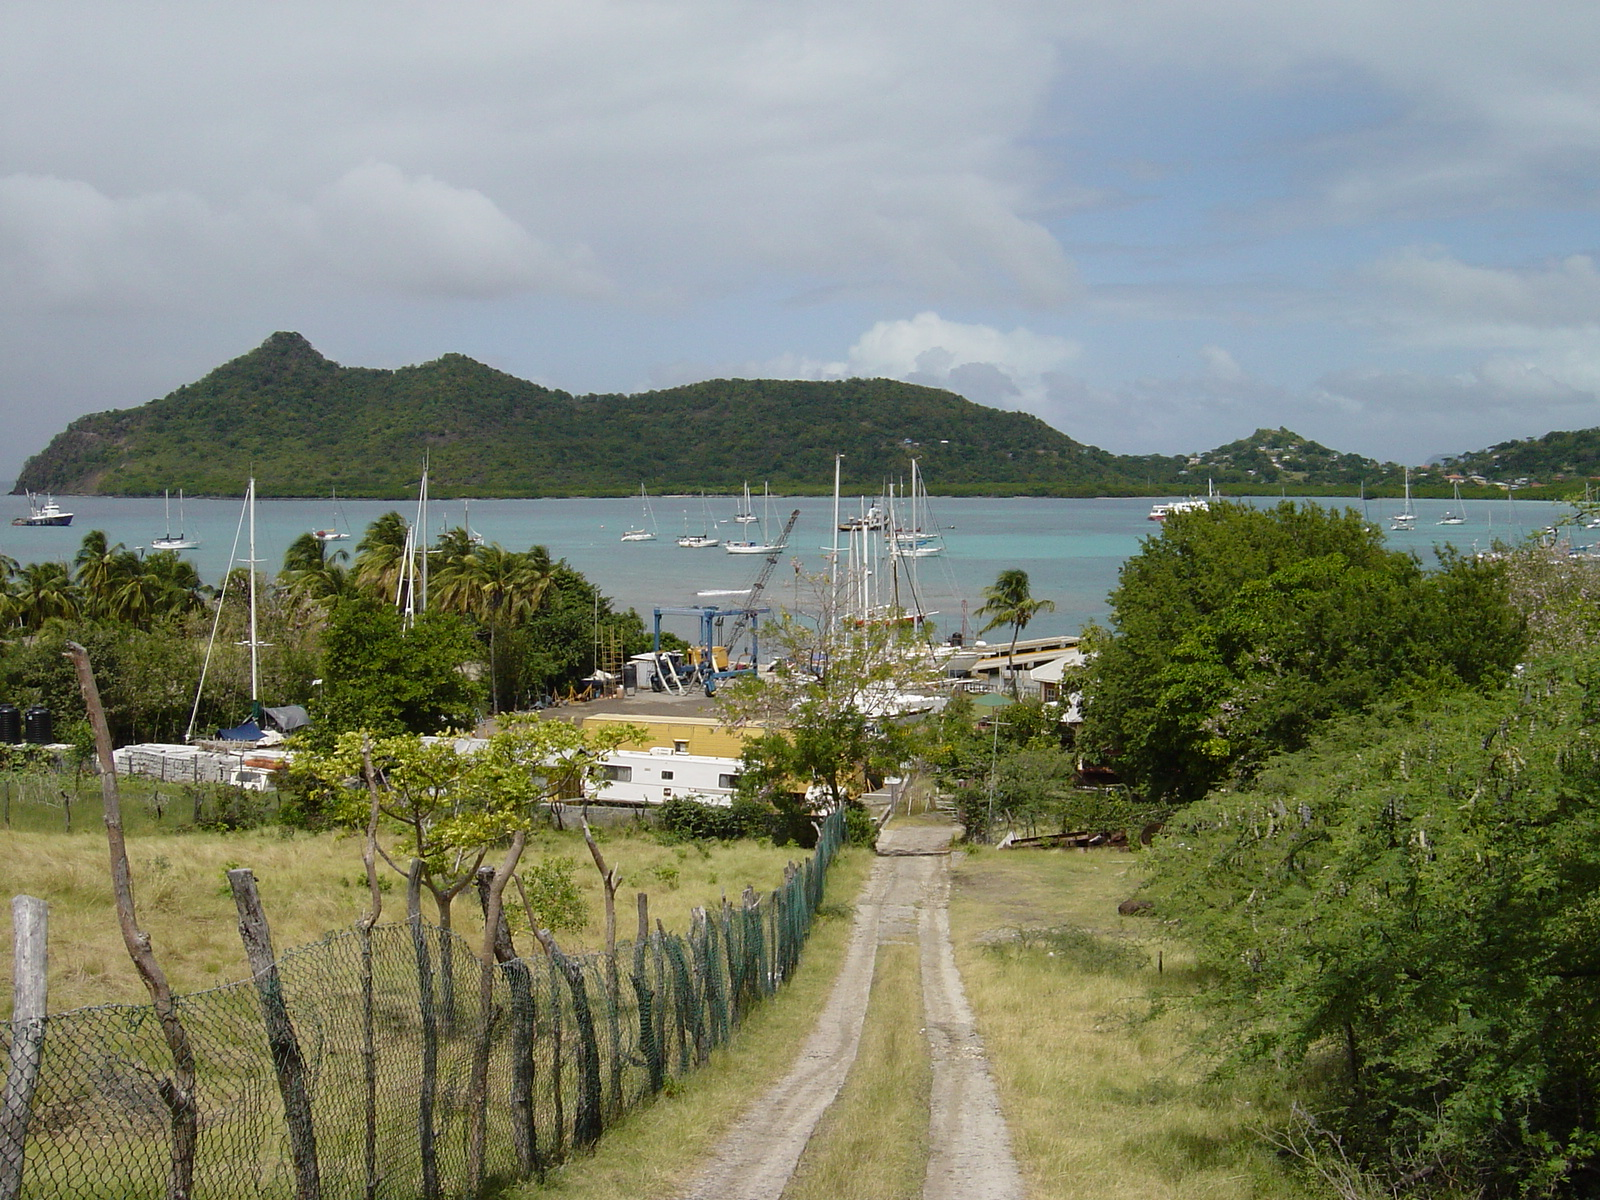 Noleggio Barche Tyrell Bay - Navalia | Noleggia un Sogno